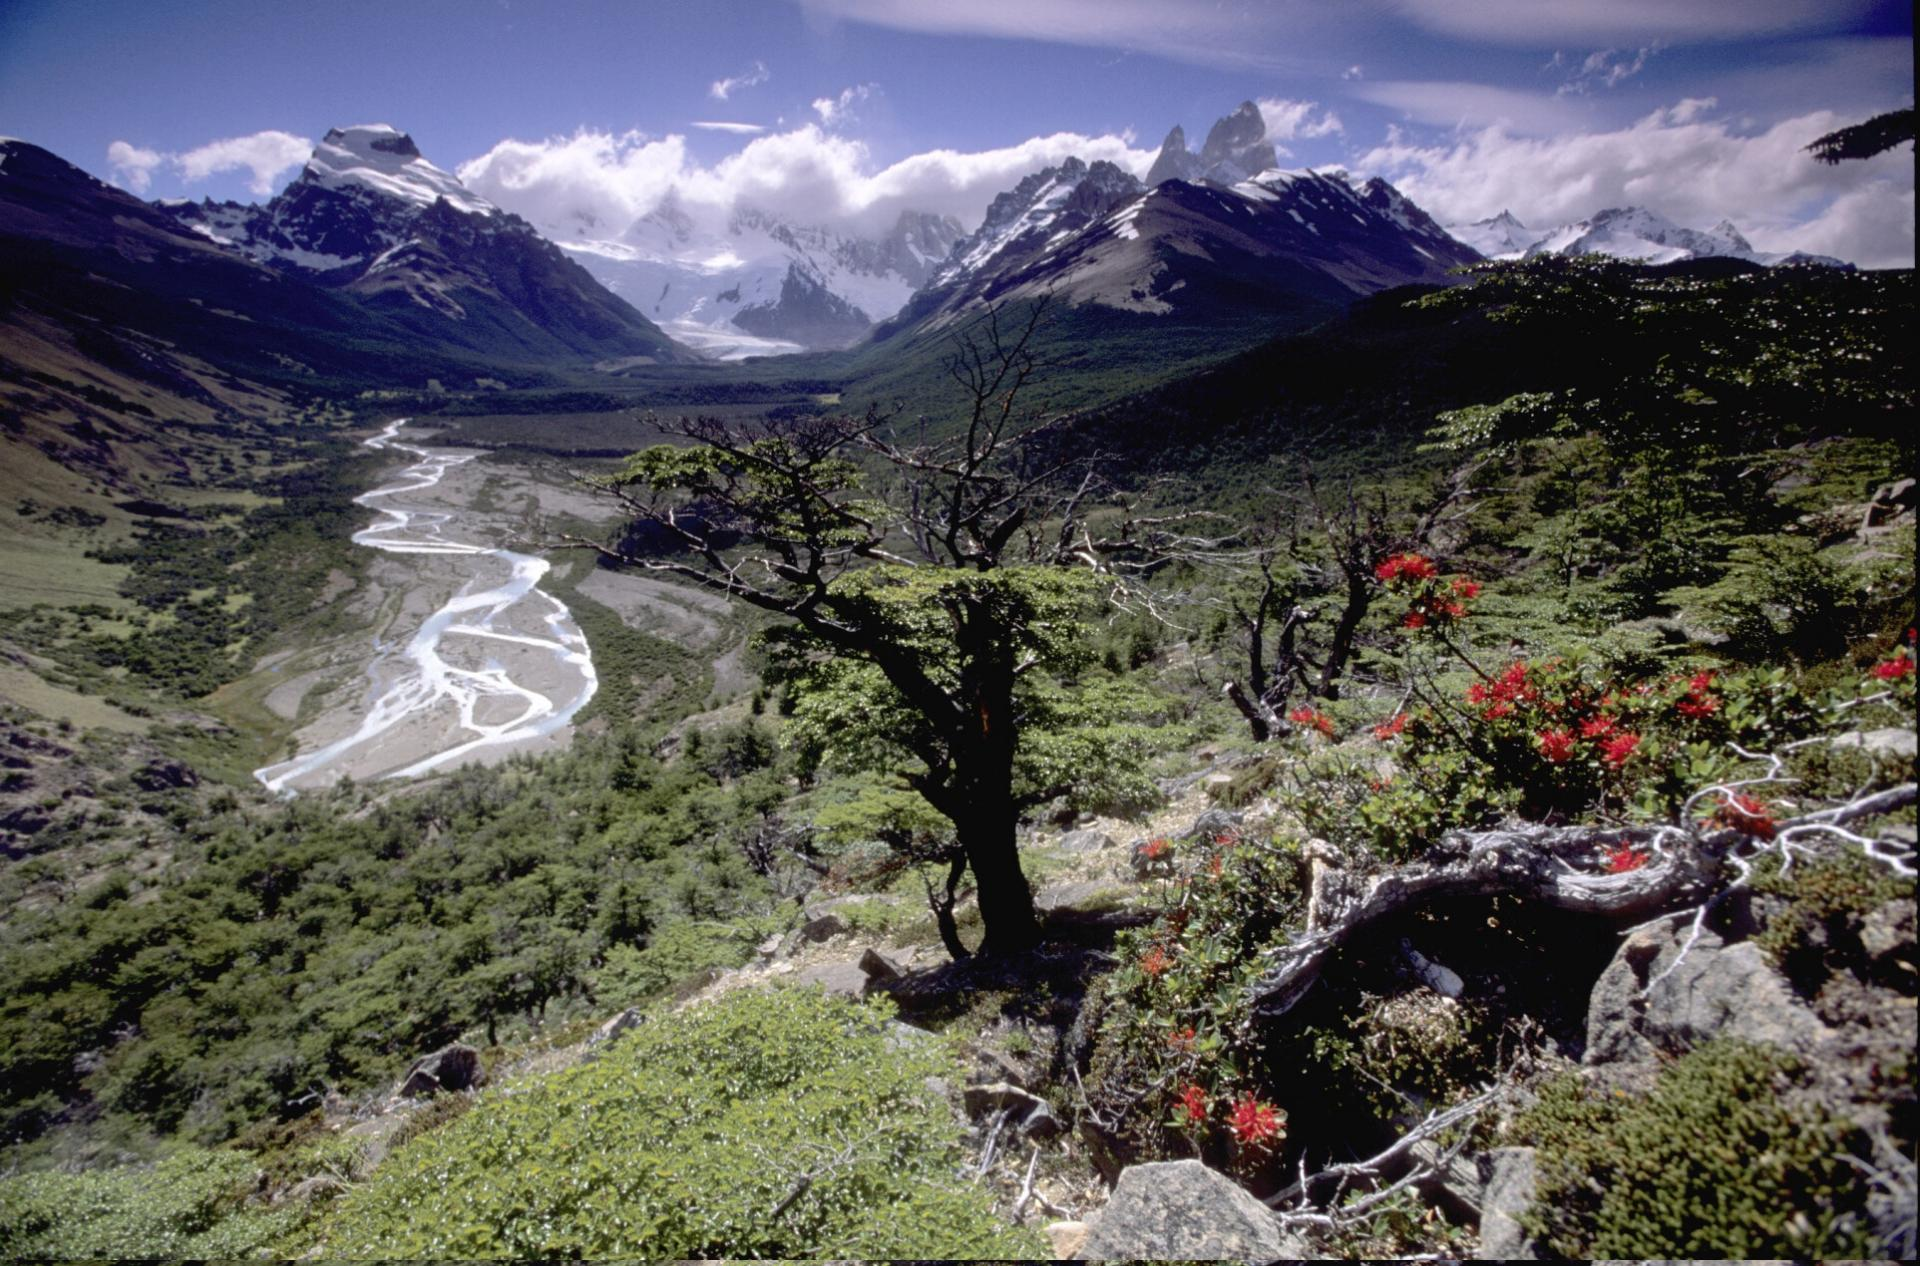 Entdecken Sie die Natur Patagoniens auf Ihrer Argentinien Rundreise